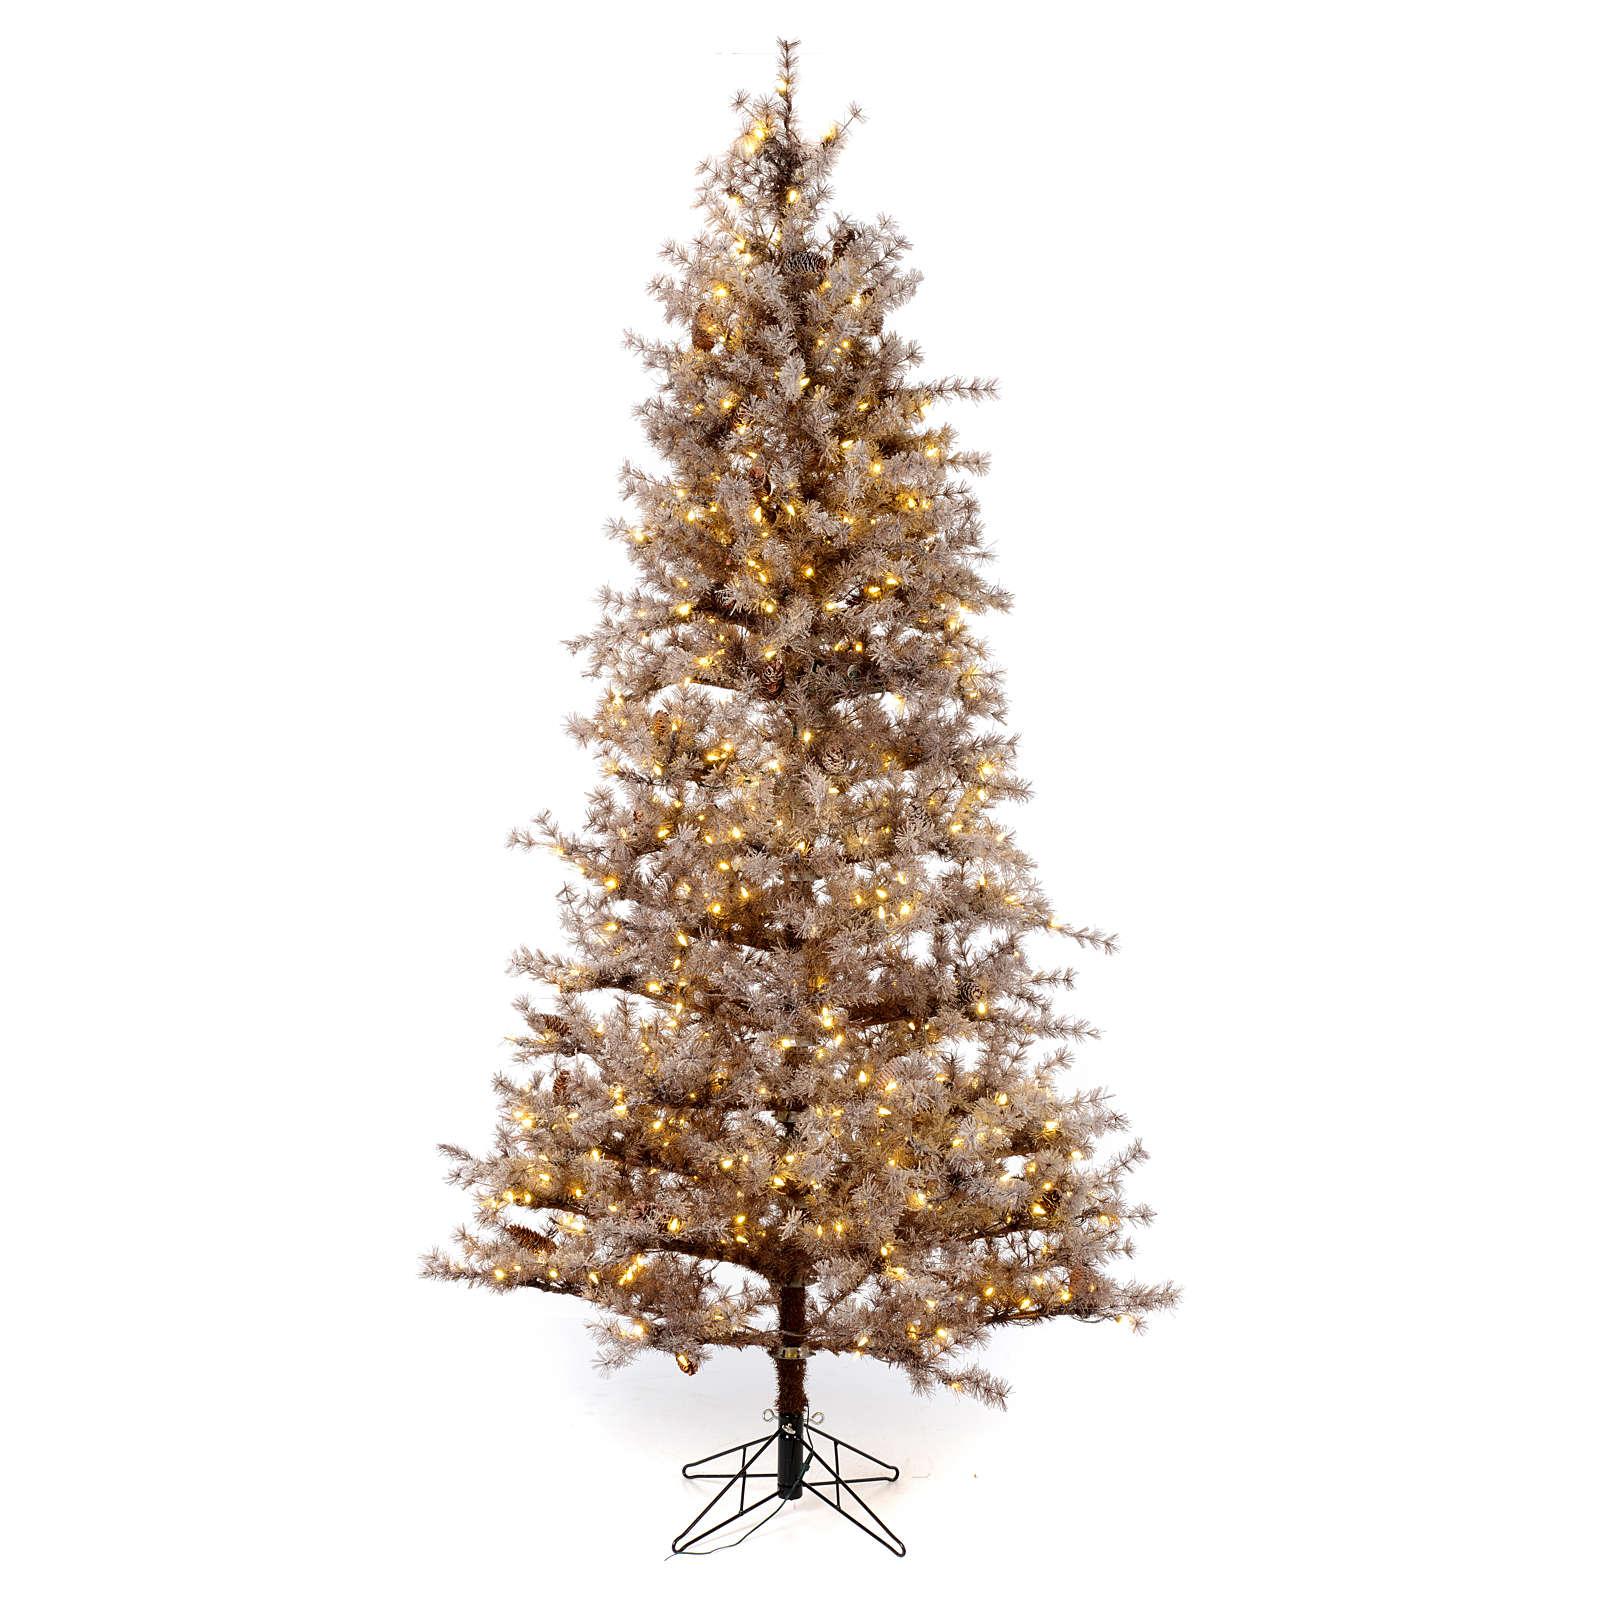 Albero Di Natale 400 Cm.Albero Di Natale Marrone 230 Cm Brinato Pigne E Luci Led 400